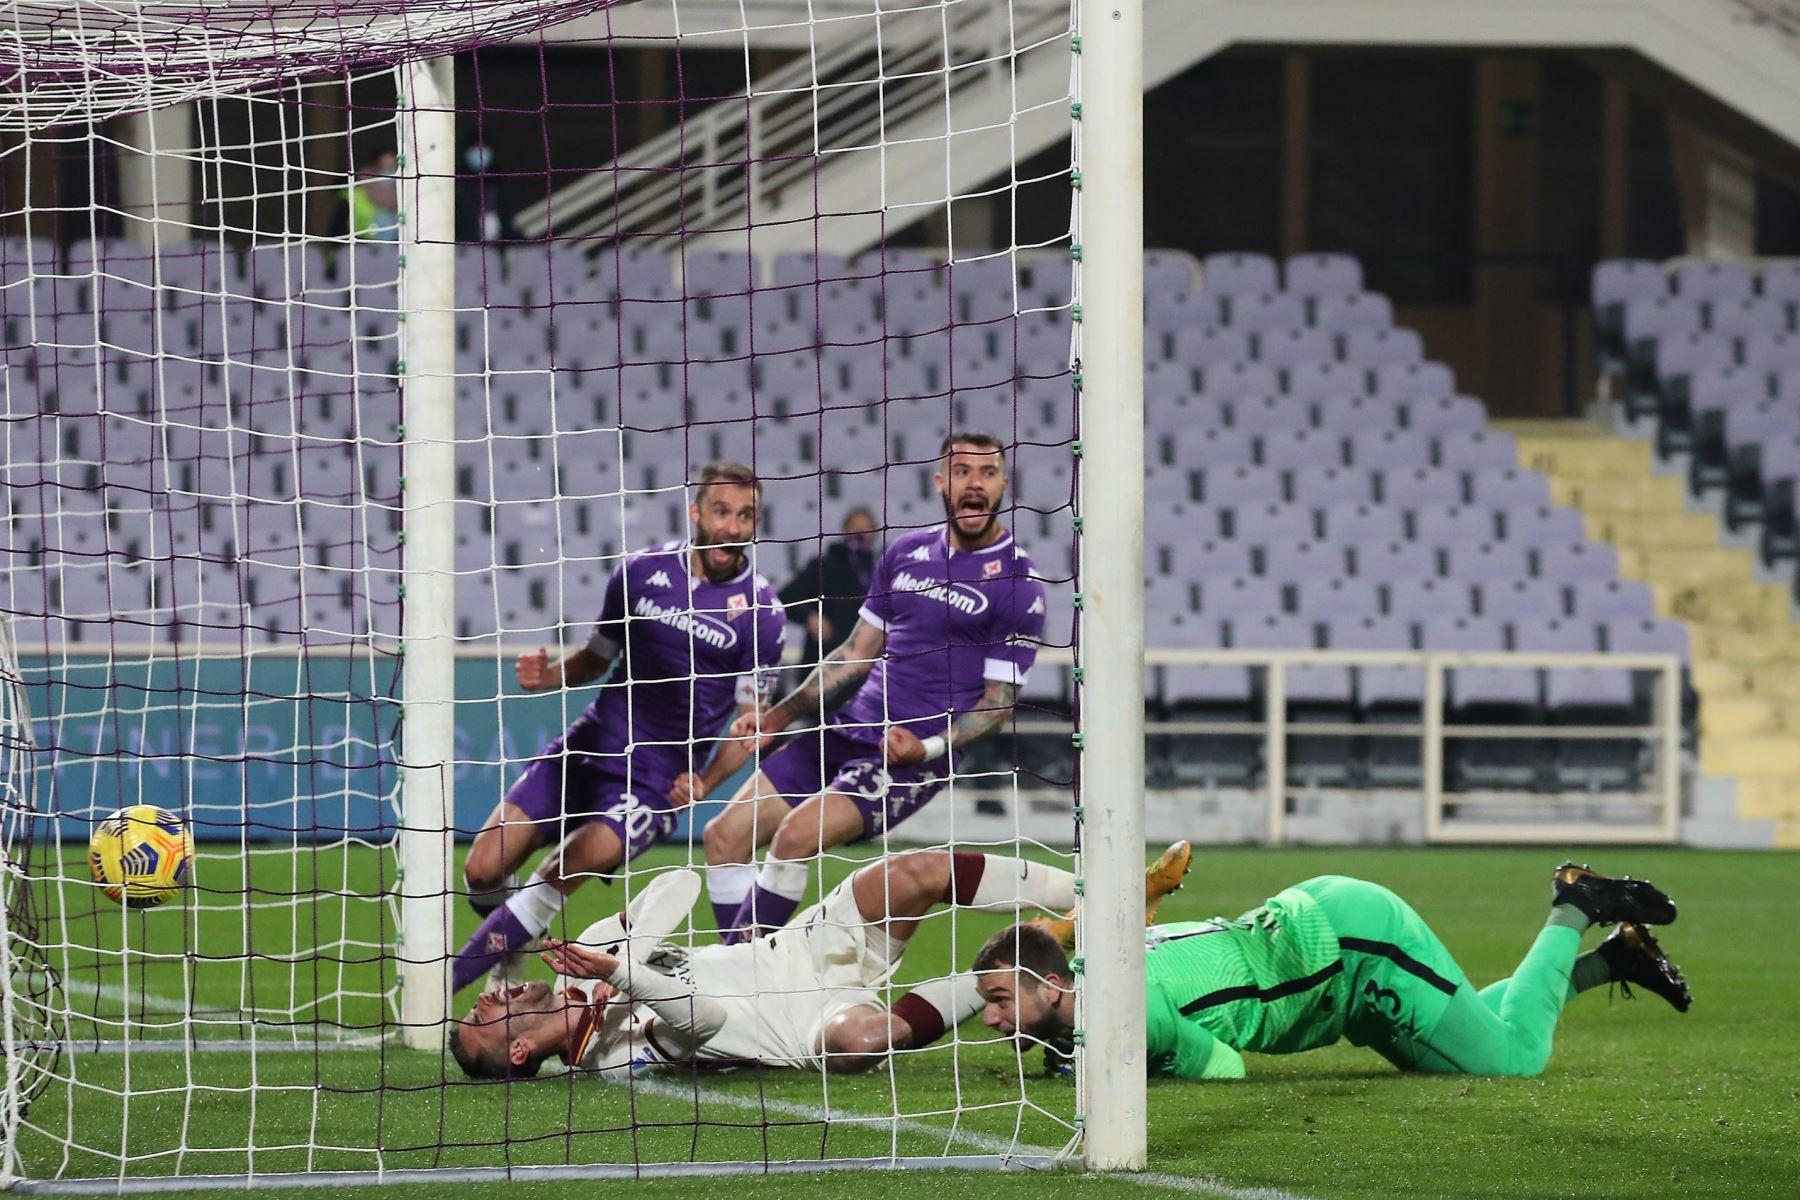 El defensor de la Roma Leonardo Spinazzola, marca un gol en propia meta durante el partido de fútbol de la Serie A italiana. Foto: EFE